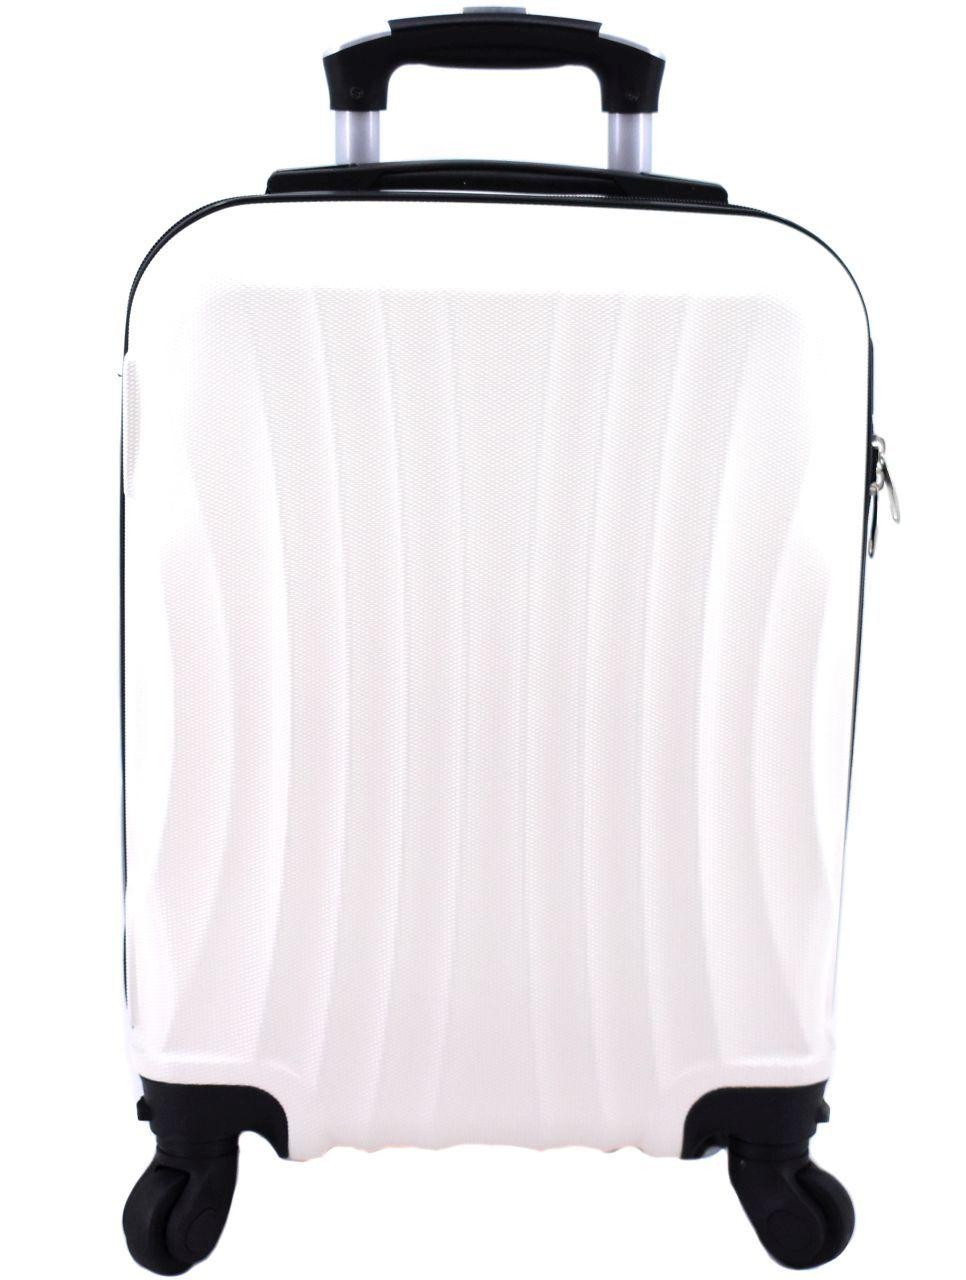 Cestovní palubní kufr Arteddy / 4 kolečka (XS) 30l - krémová 6020 (XS)